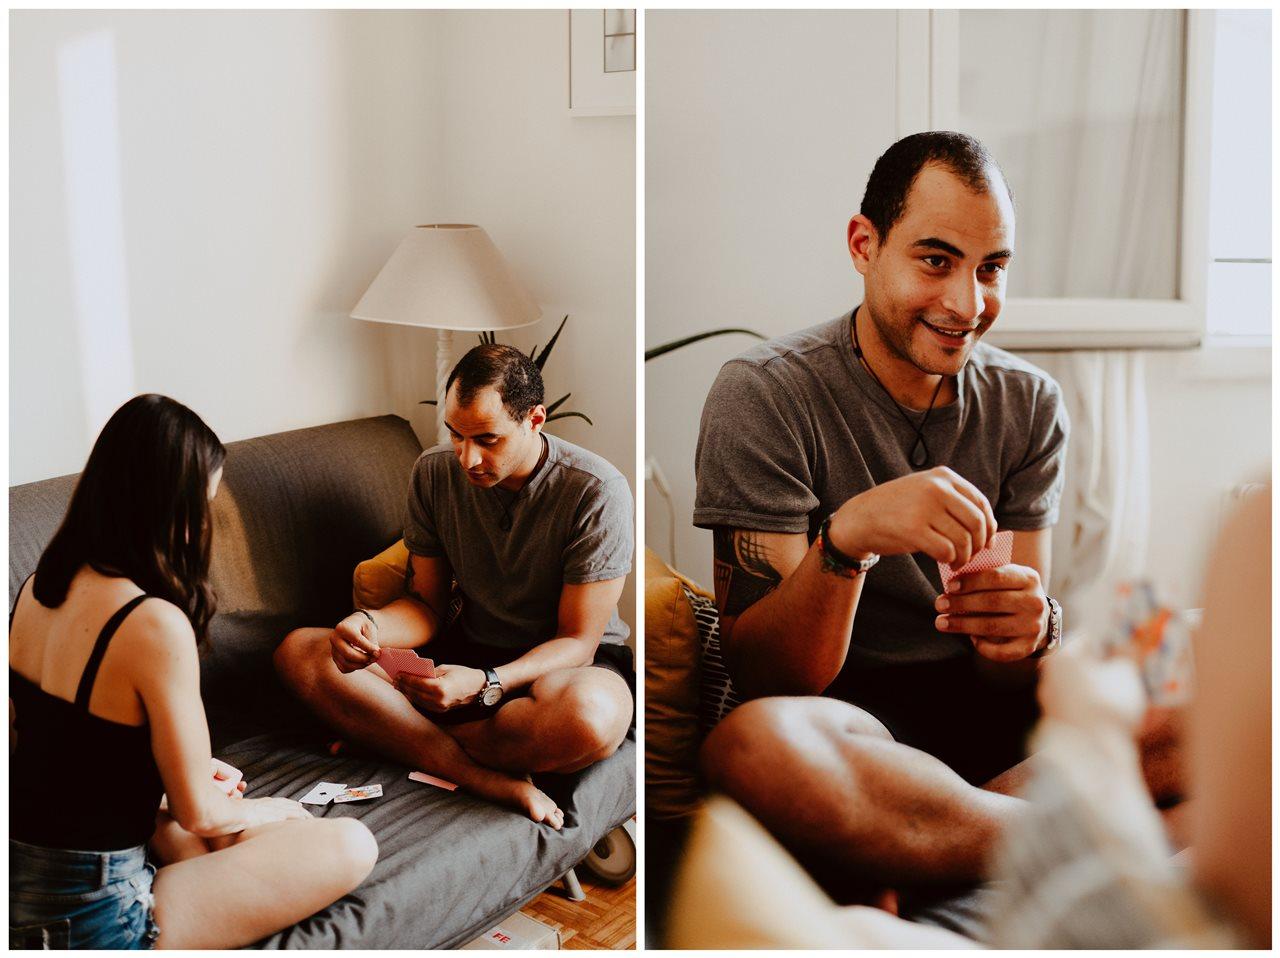 seance-couple-intimiste-maison-détente-canapé-jeu-cartes-portrait